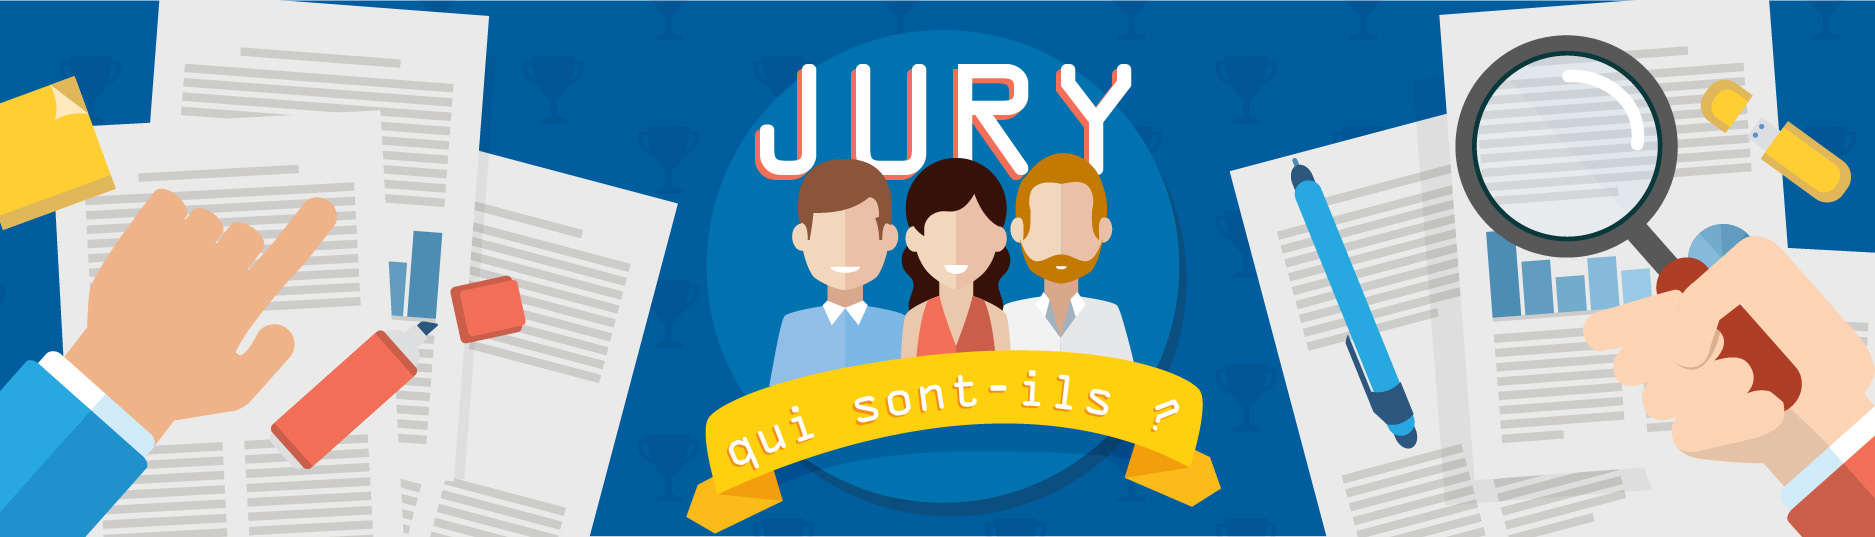 membres du jury : qui sont-ils ?